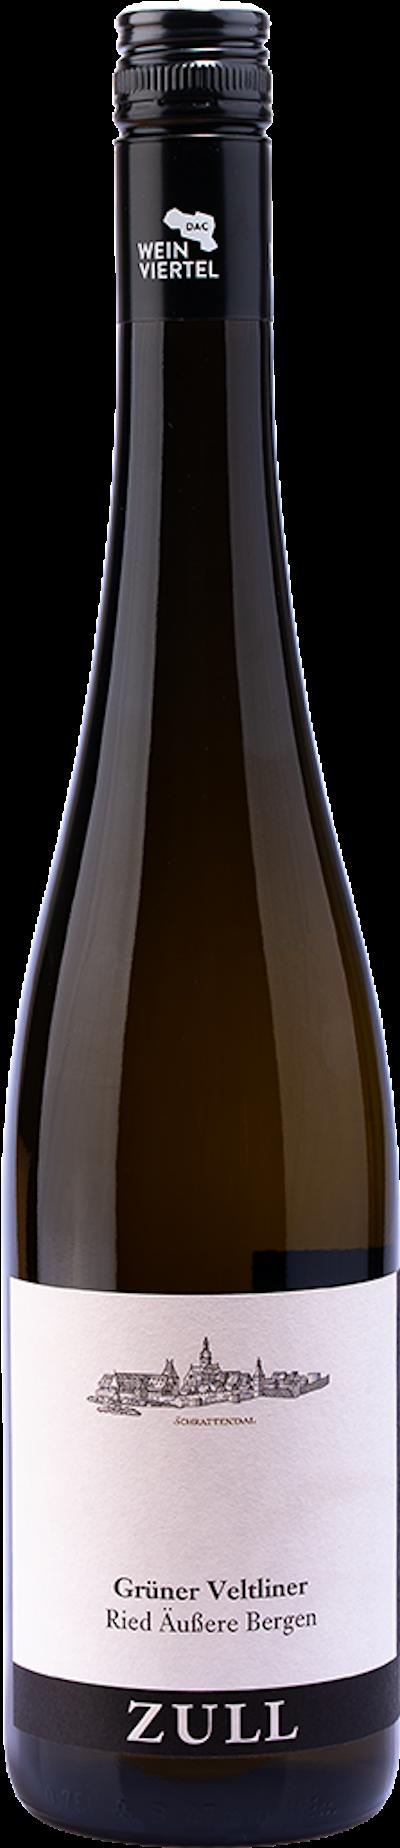 Zull - Grüner Veltliner Äußere Bergen Weinviertel DAC Reserve